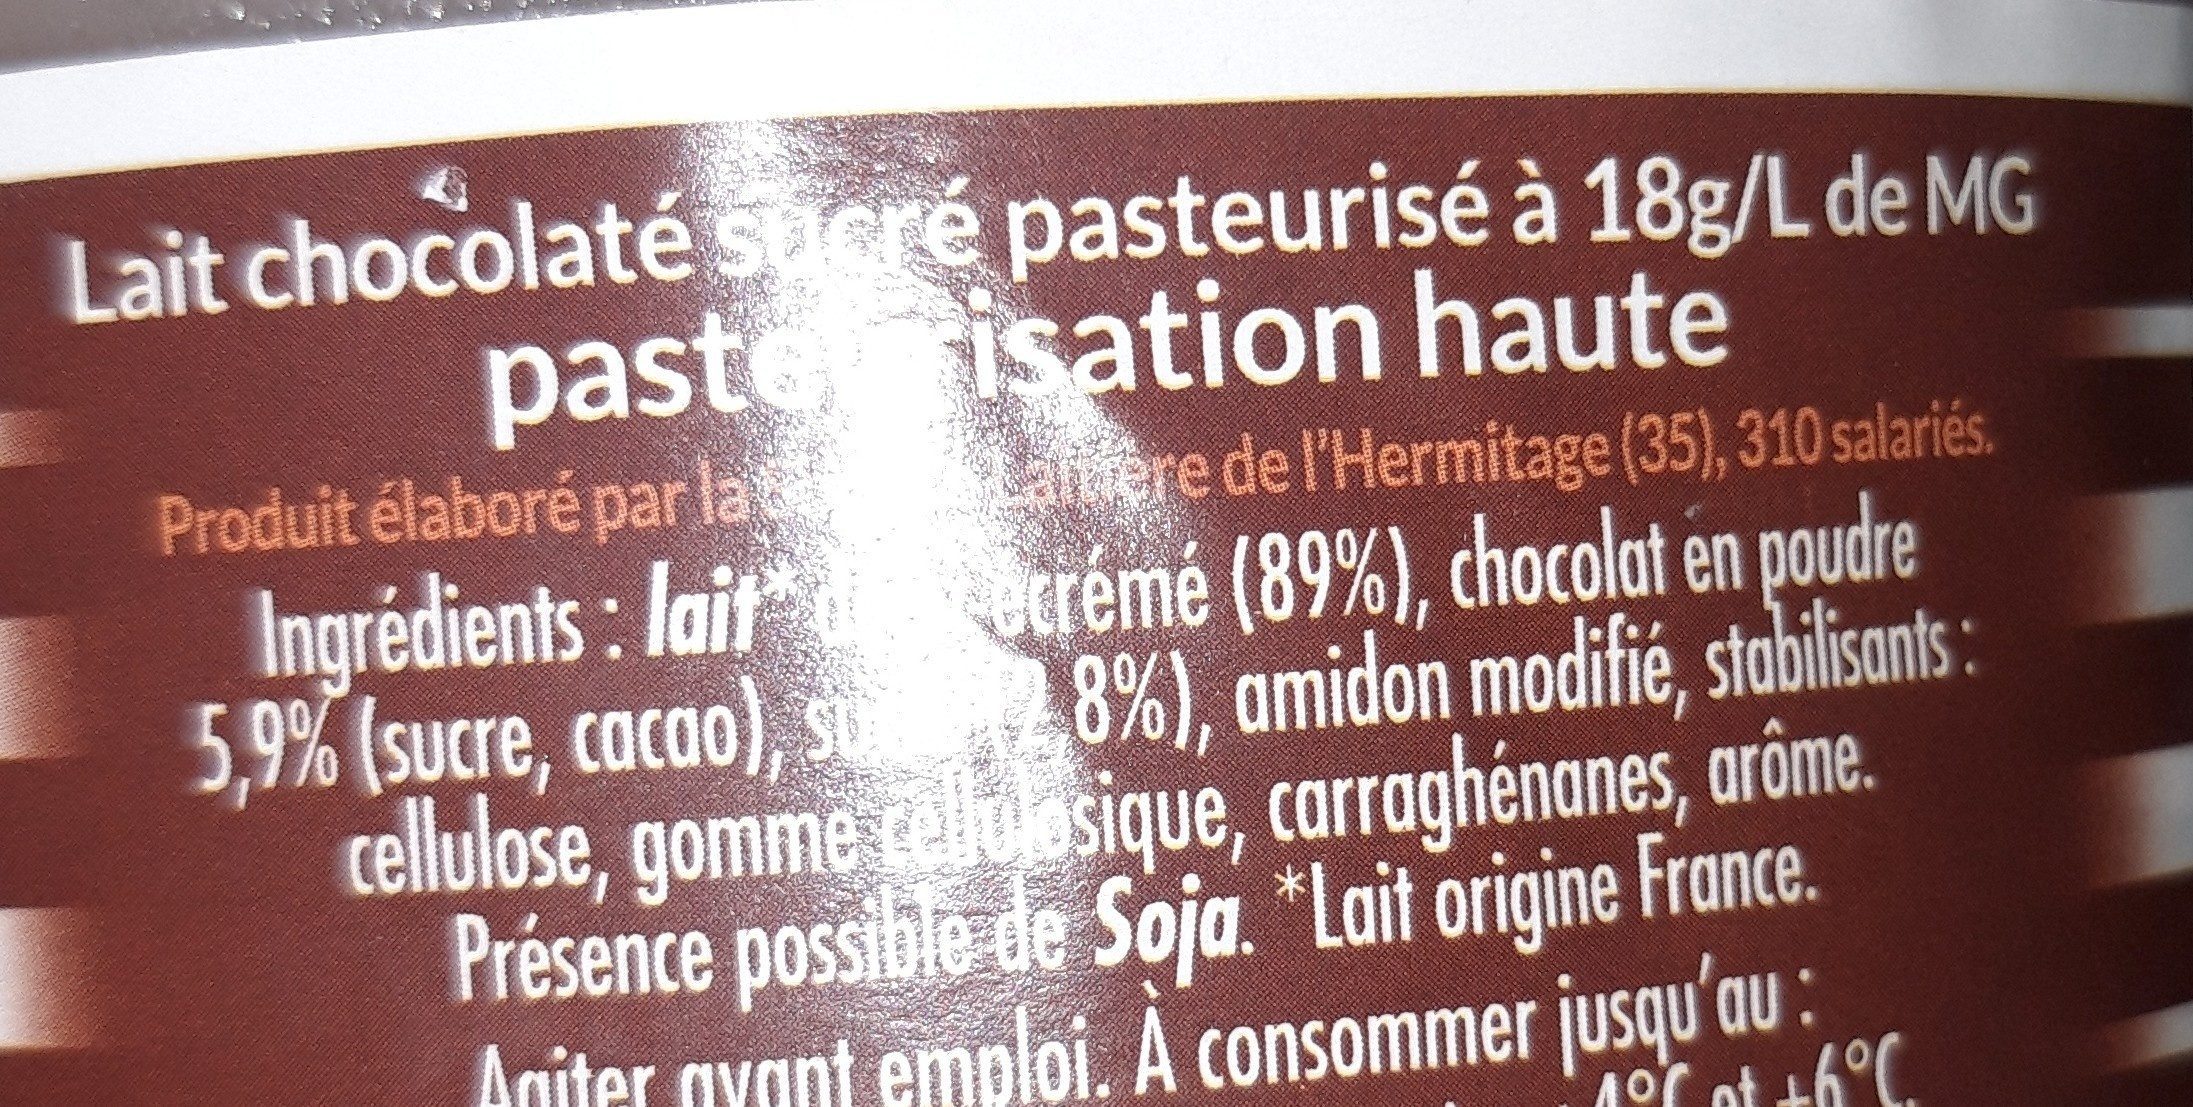 Lait au Chocolat - Ingrédients - fr